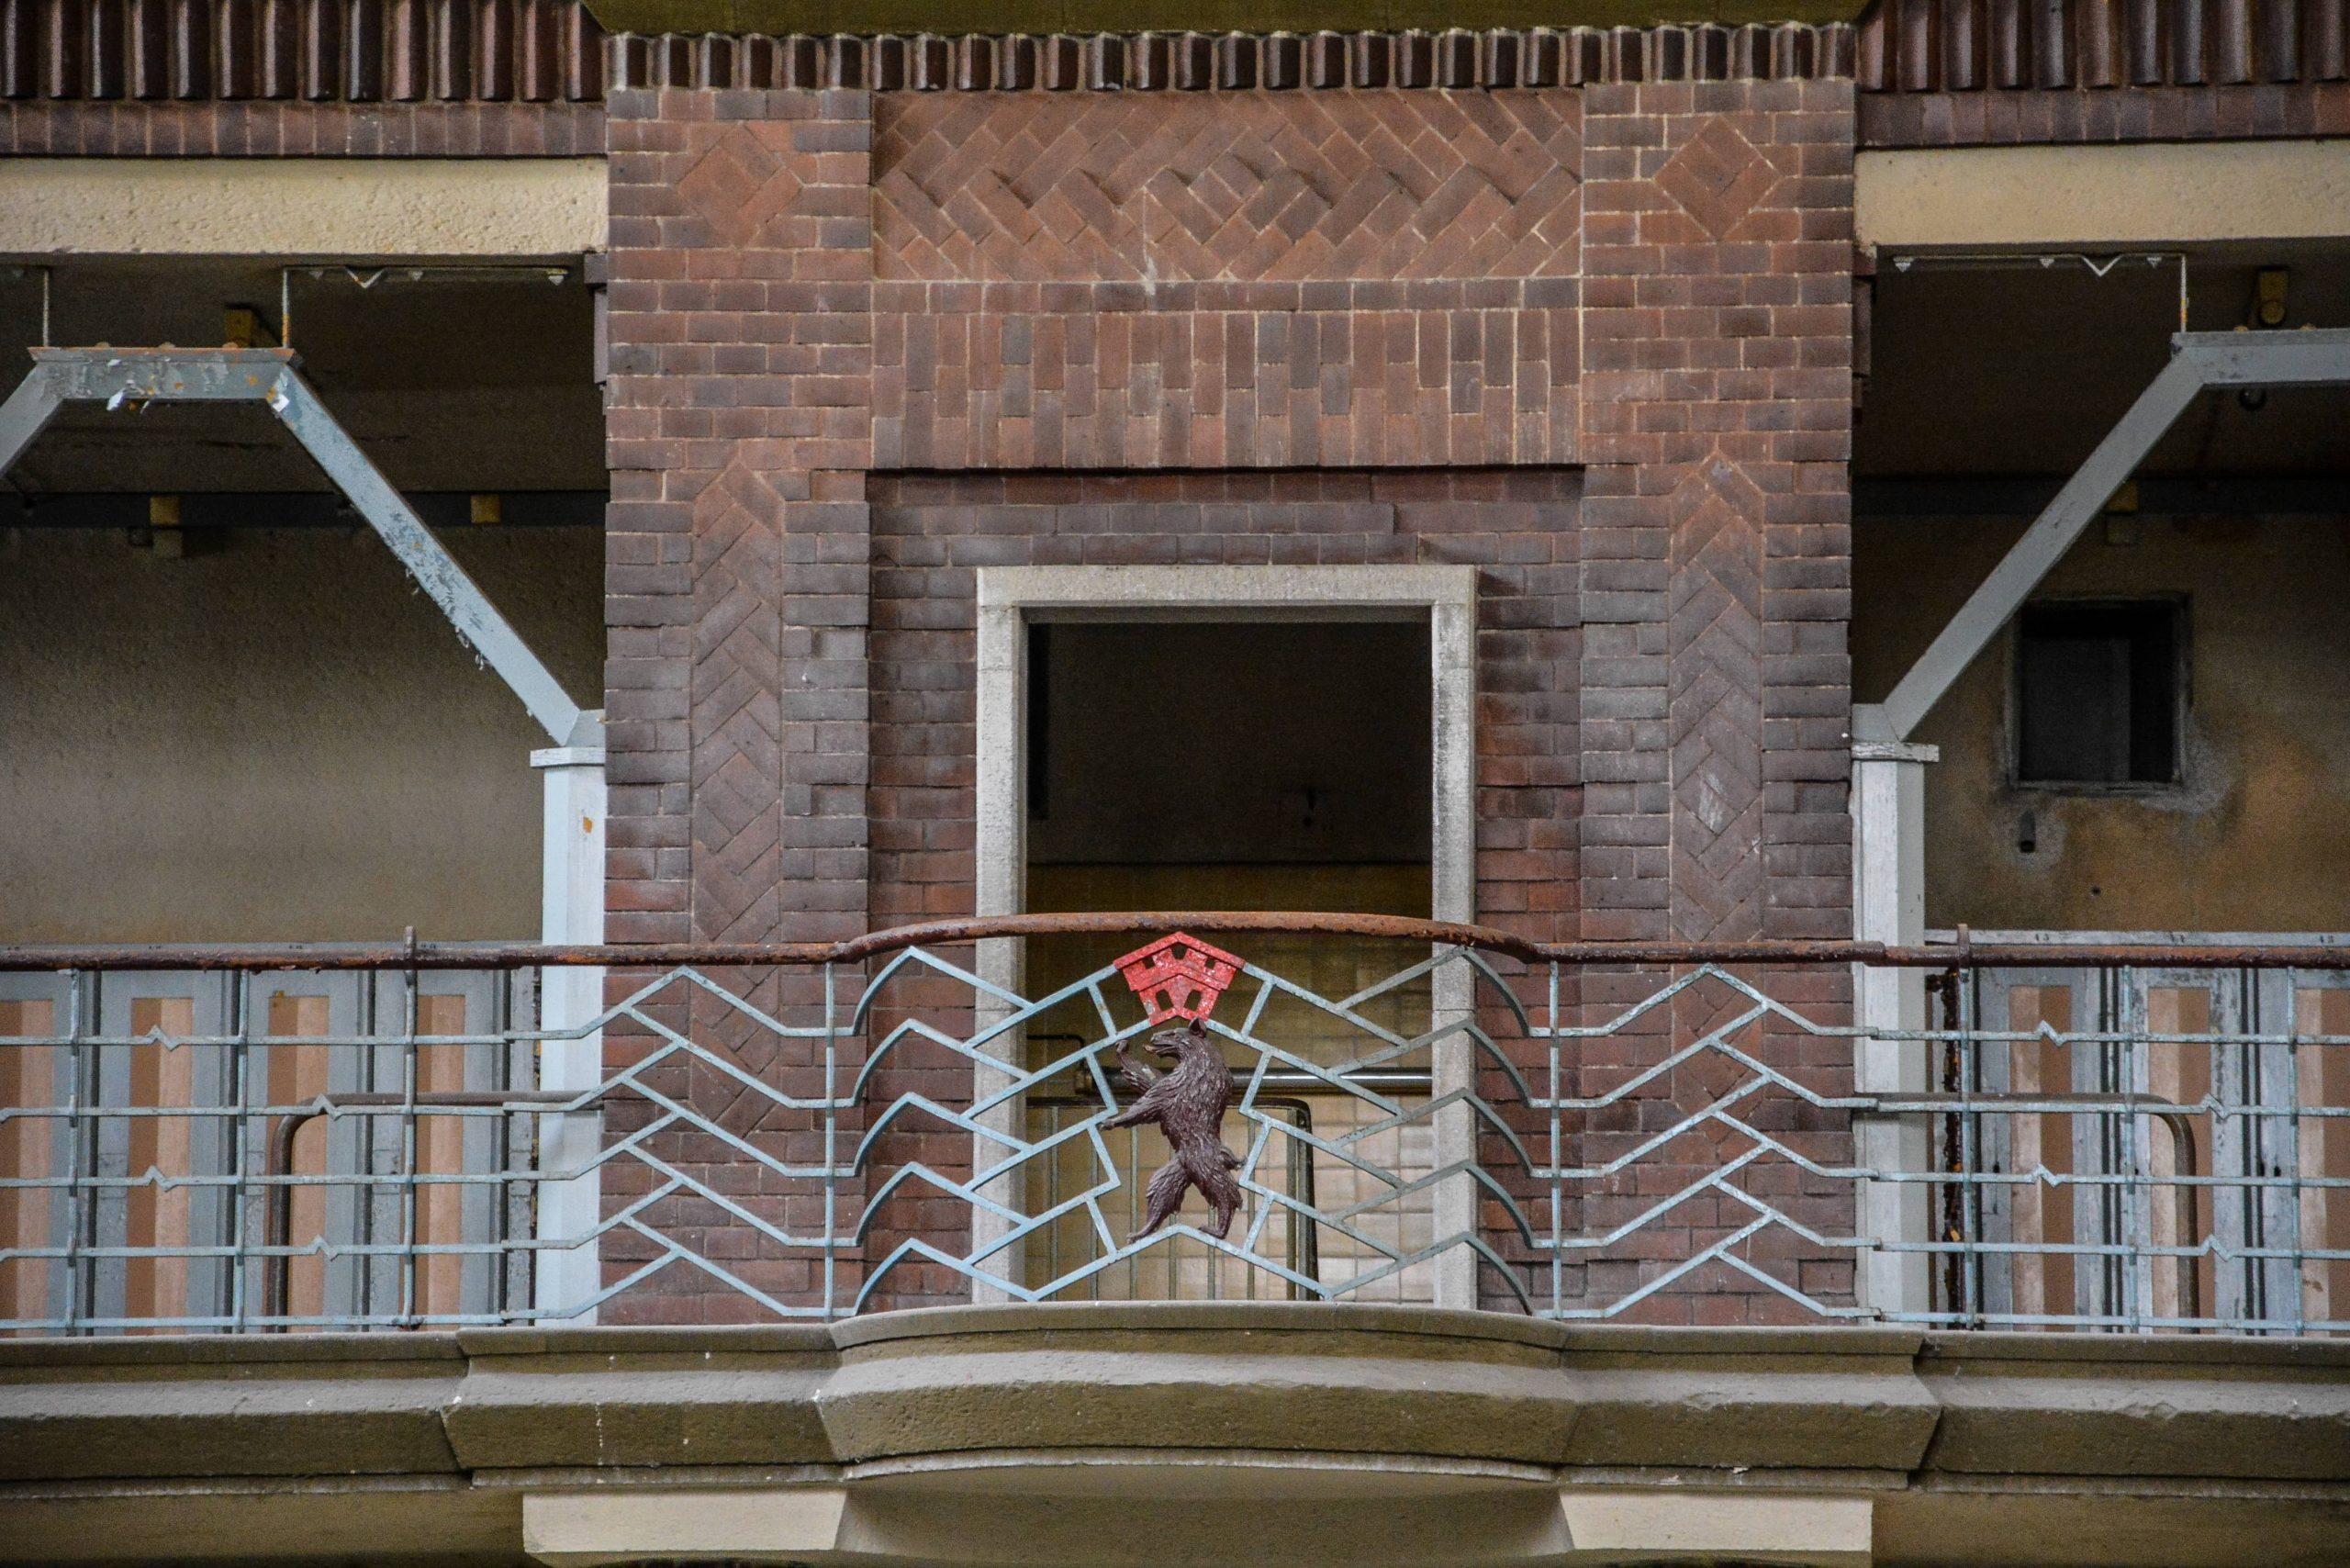 balkon balcony pool berliner wappen baer stadtbad lichtenberg hubertusbad berlin abandoned pool urbex lost places